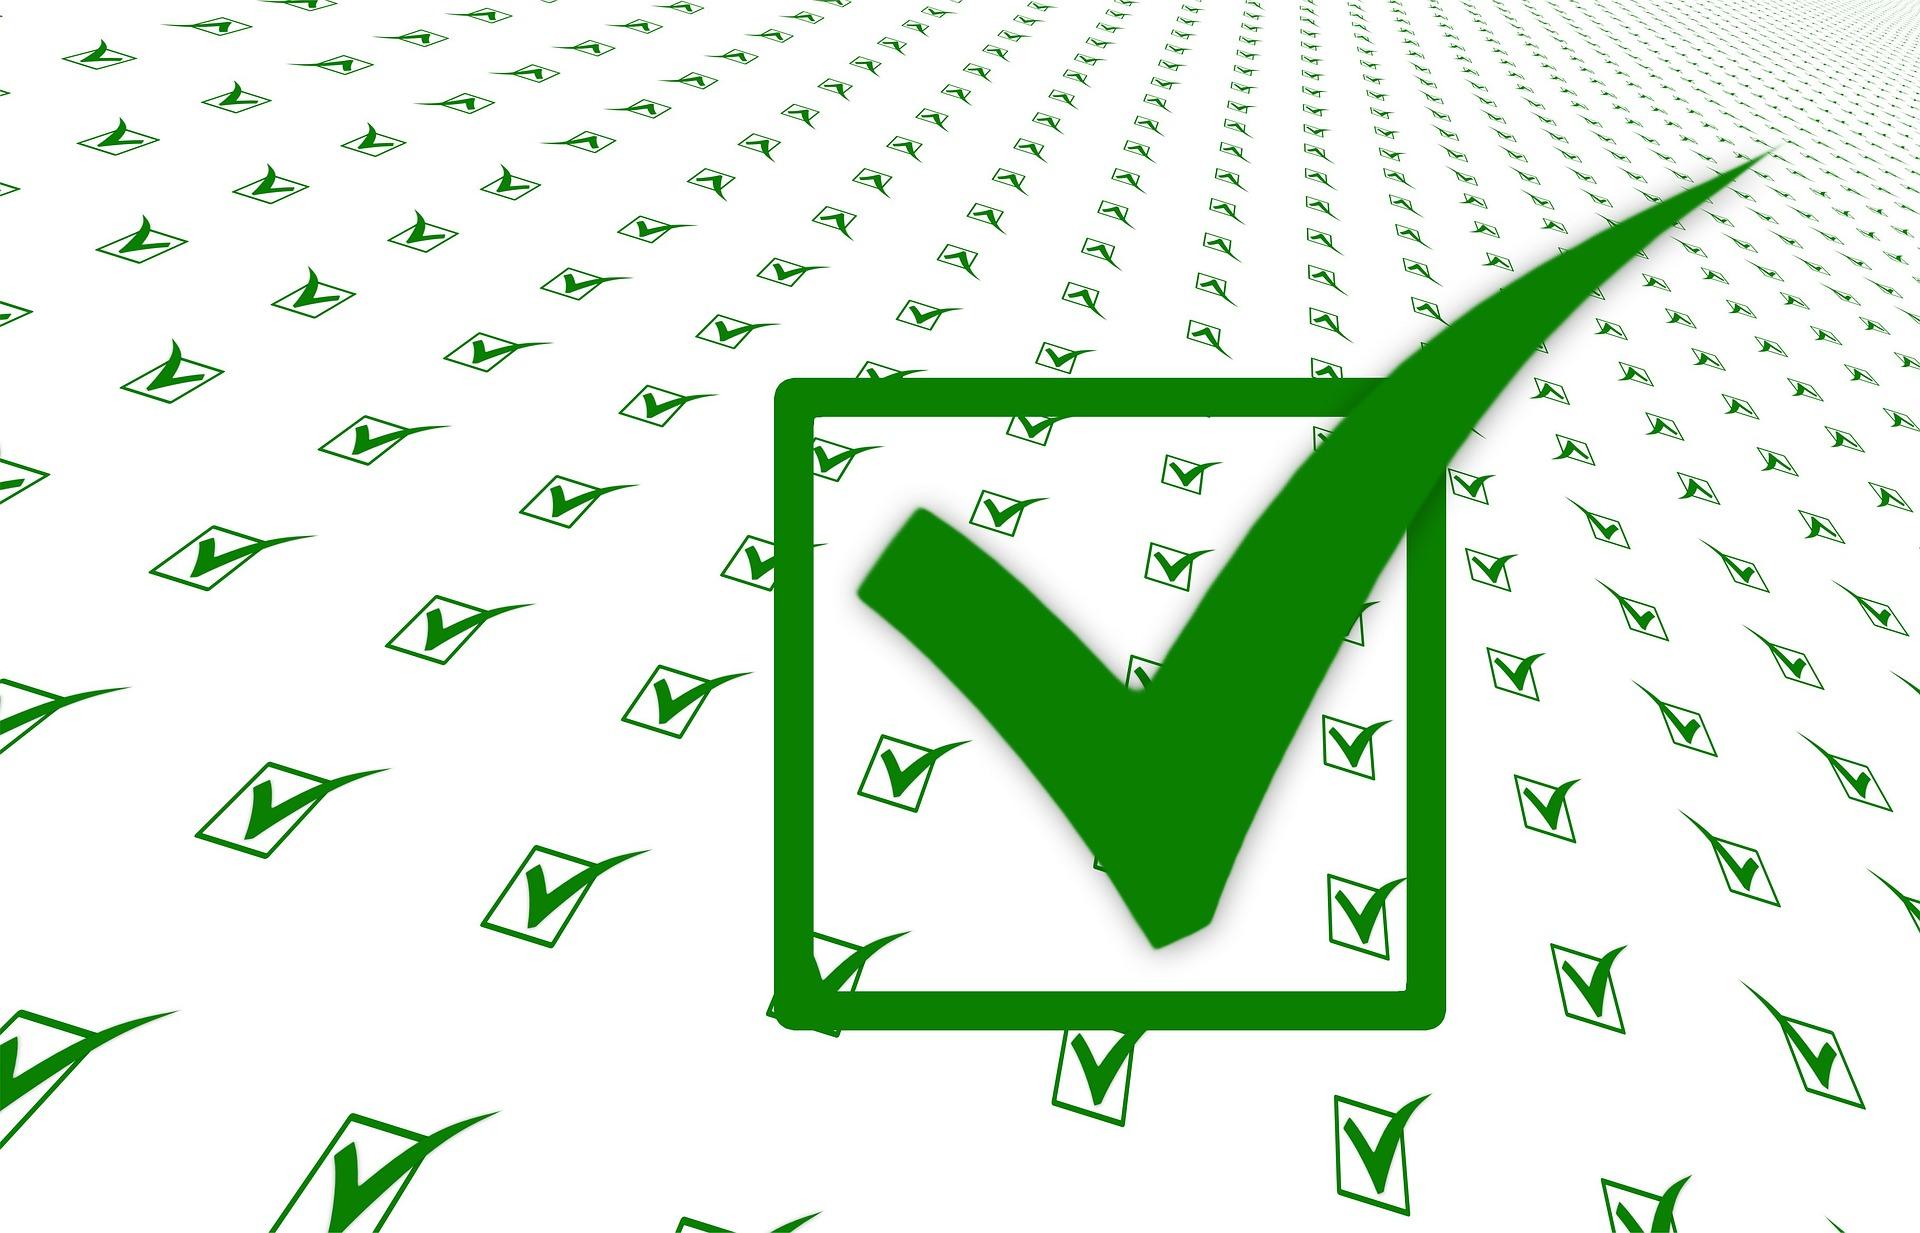 Hausbau Checkliste grüner Haken